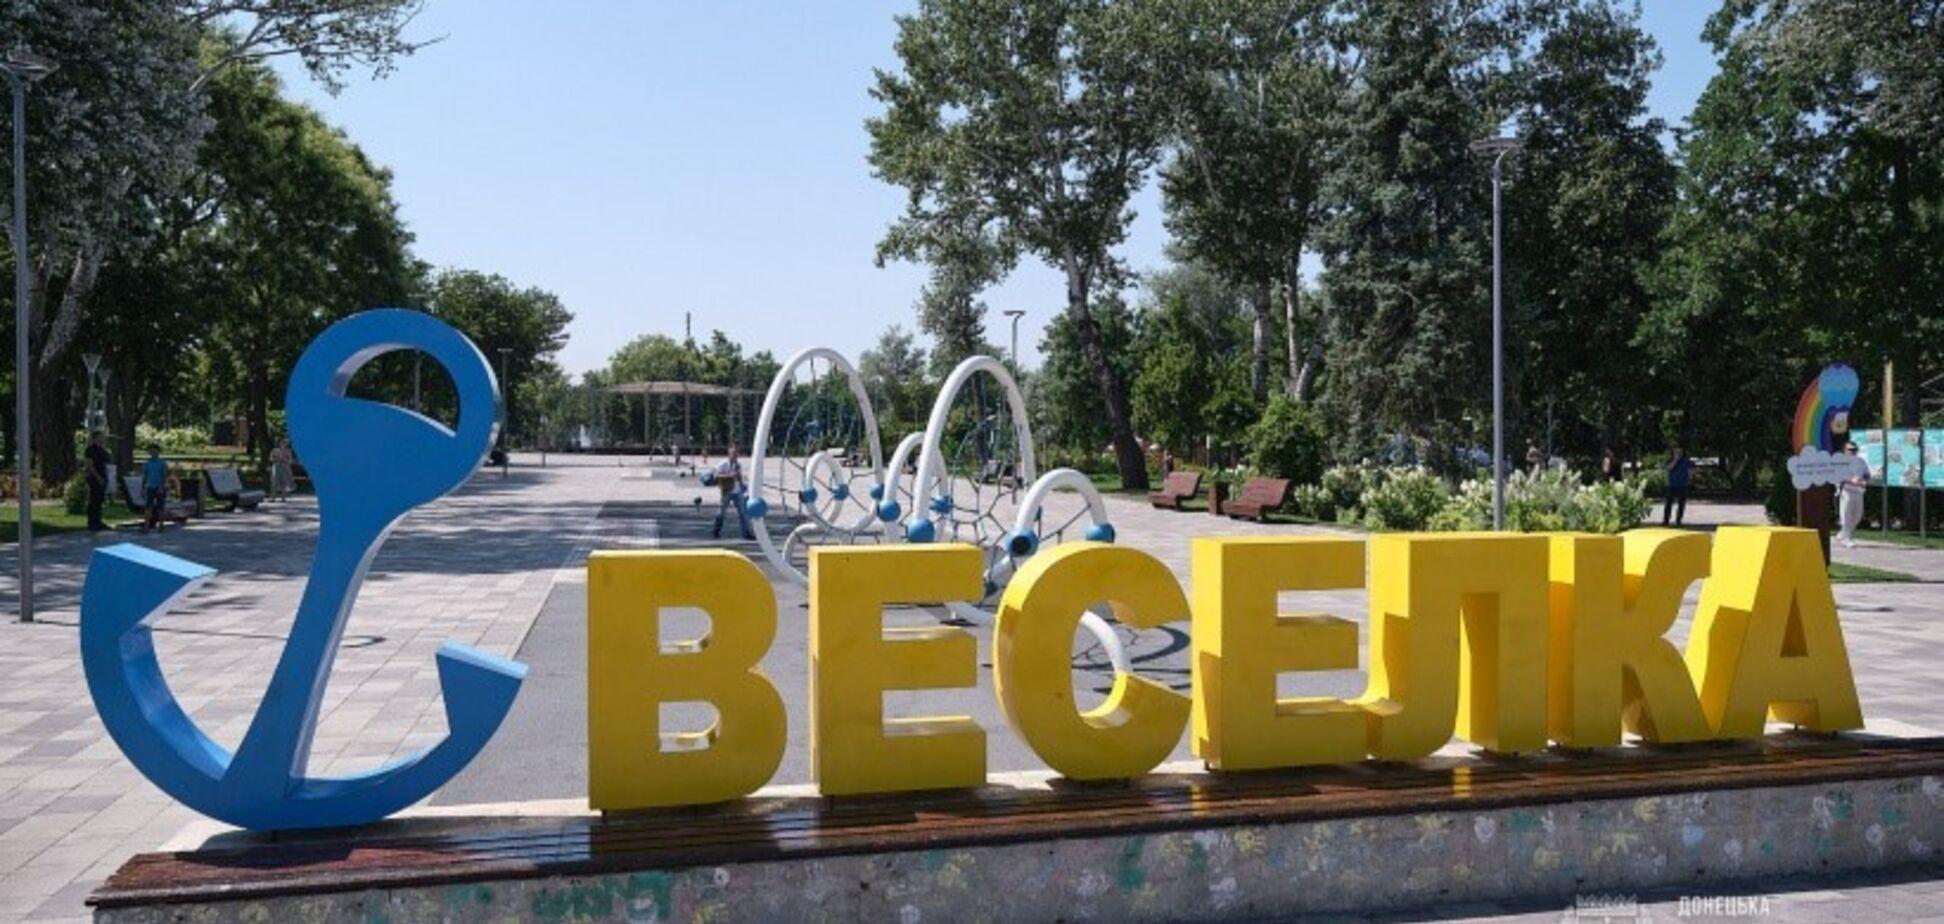 У Маріуполі за програмою 'Здорова Україна' відкрився активний парк 'Веселка'